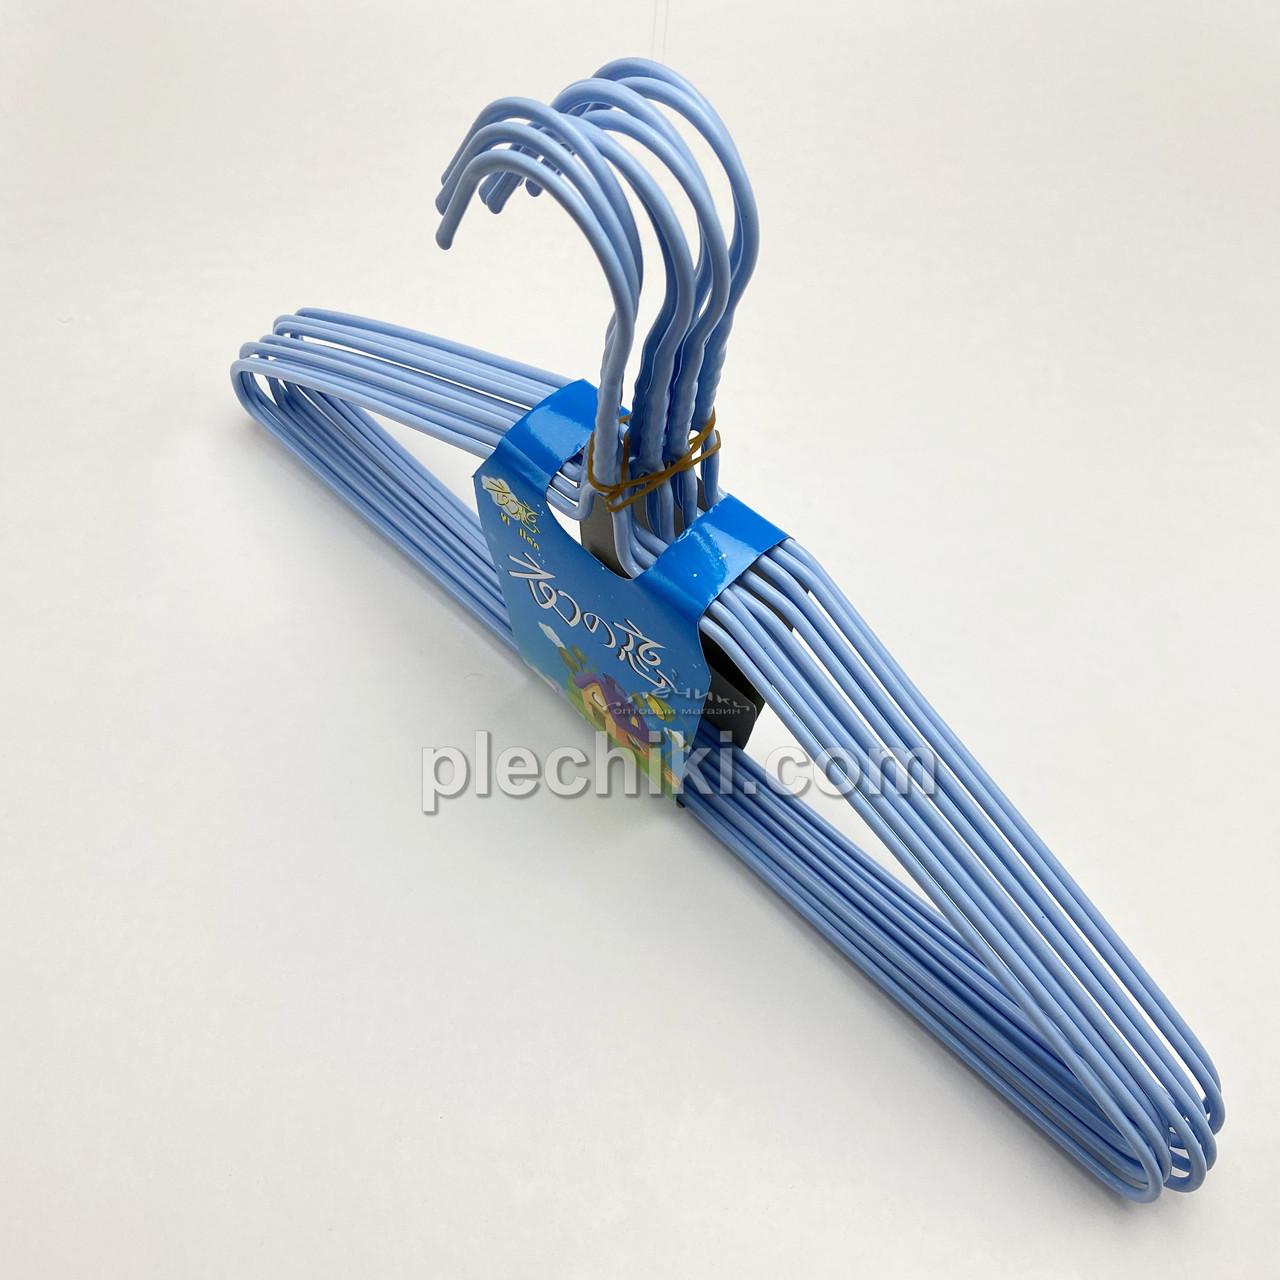 Вешалки плечики металлические в полиэтиленовом покрытии голубого цвета, в упаковке 10 штук